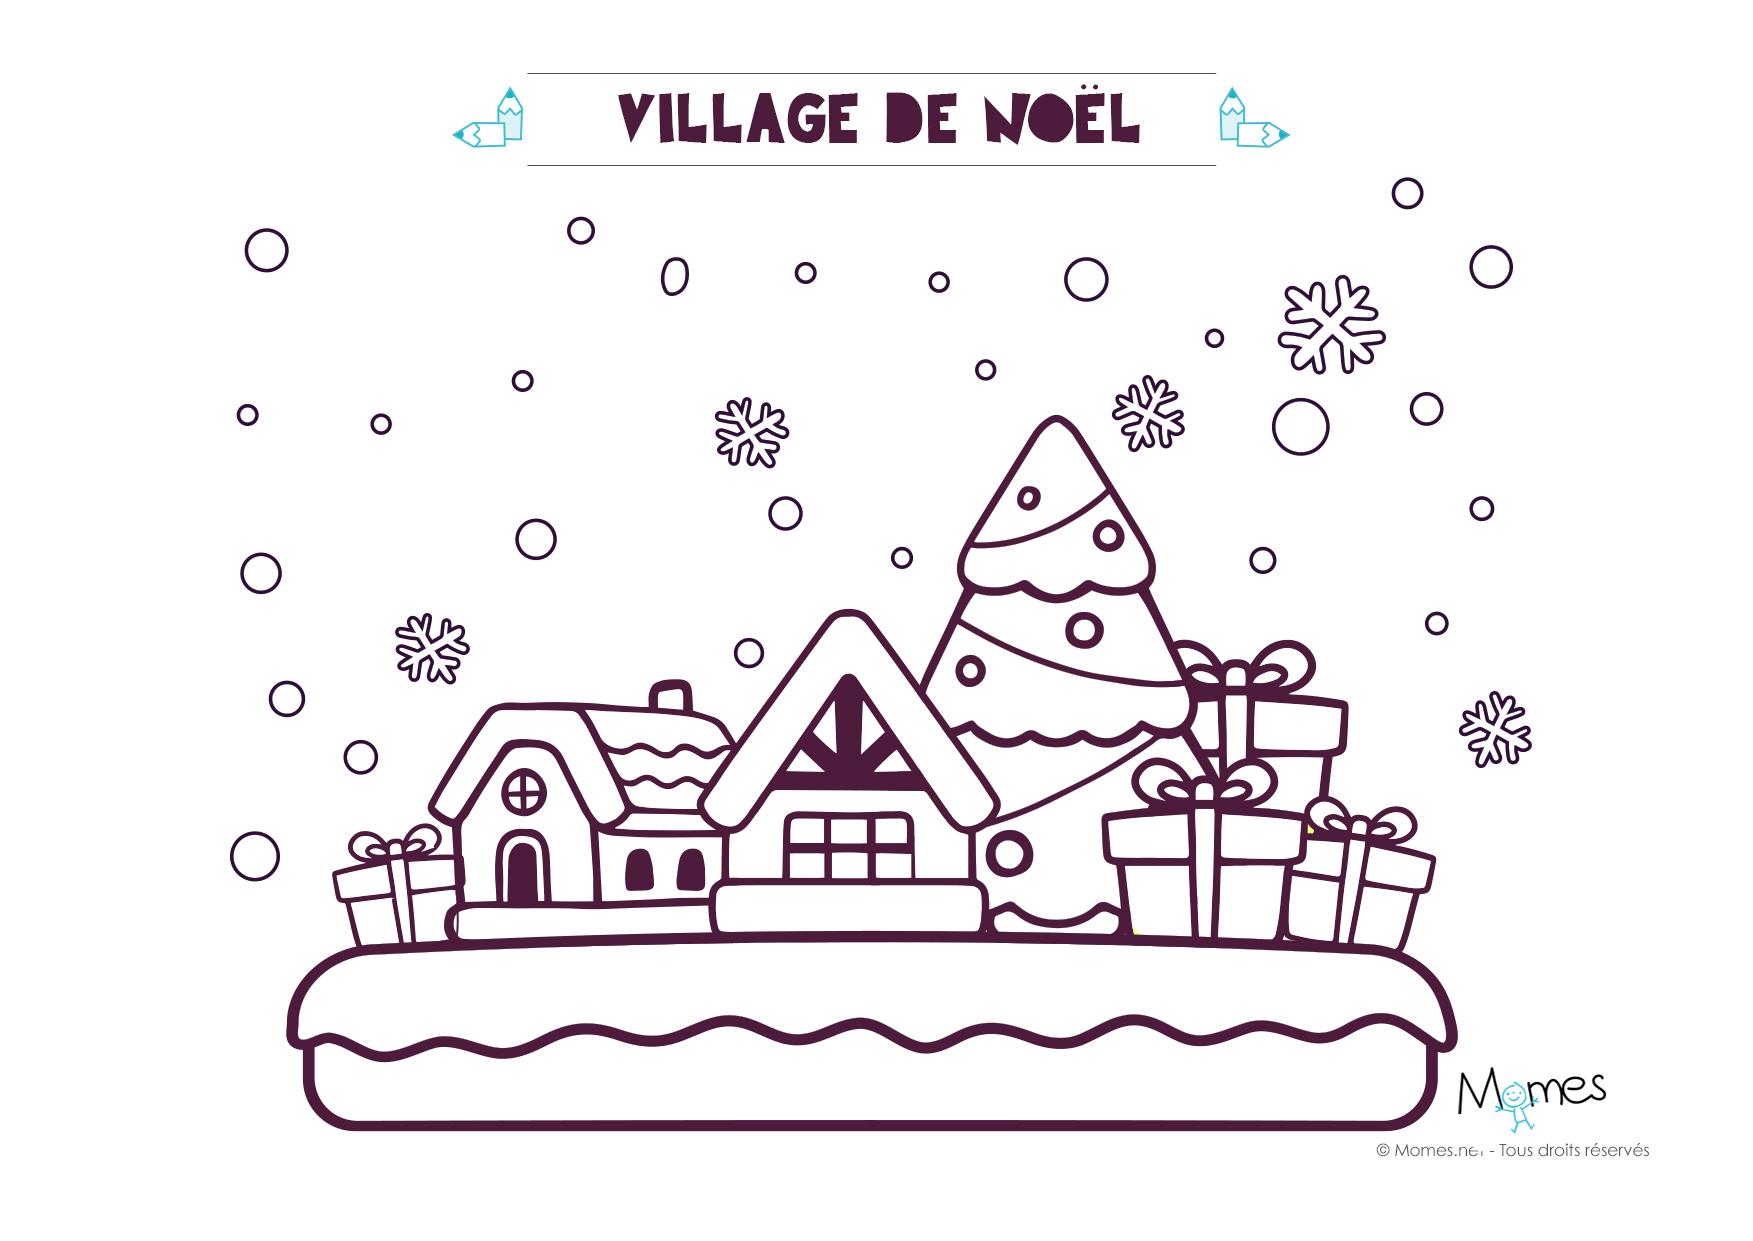 Coloriage de no l le village - Coloriage village de noel ...